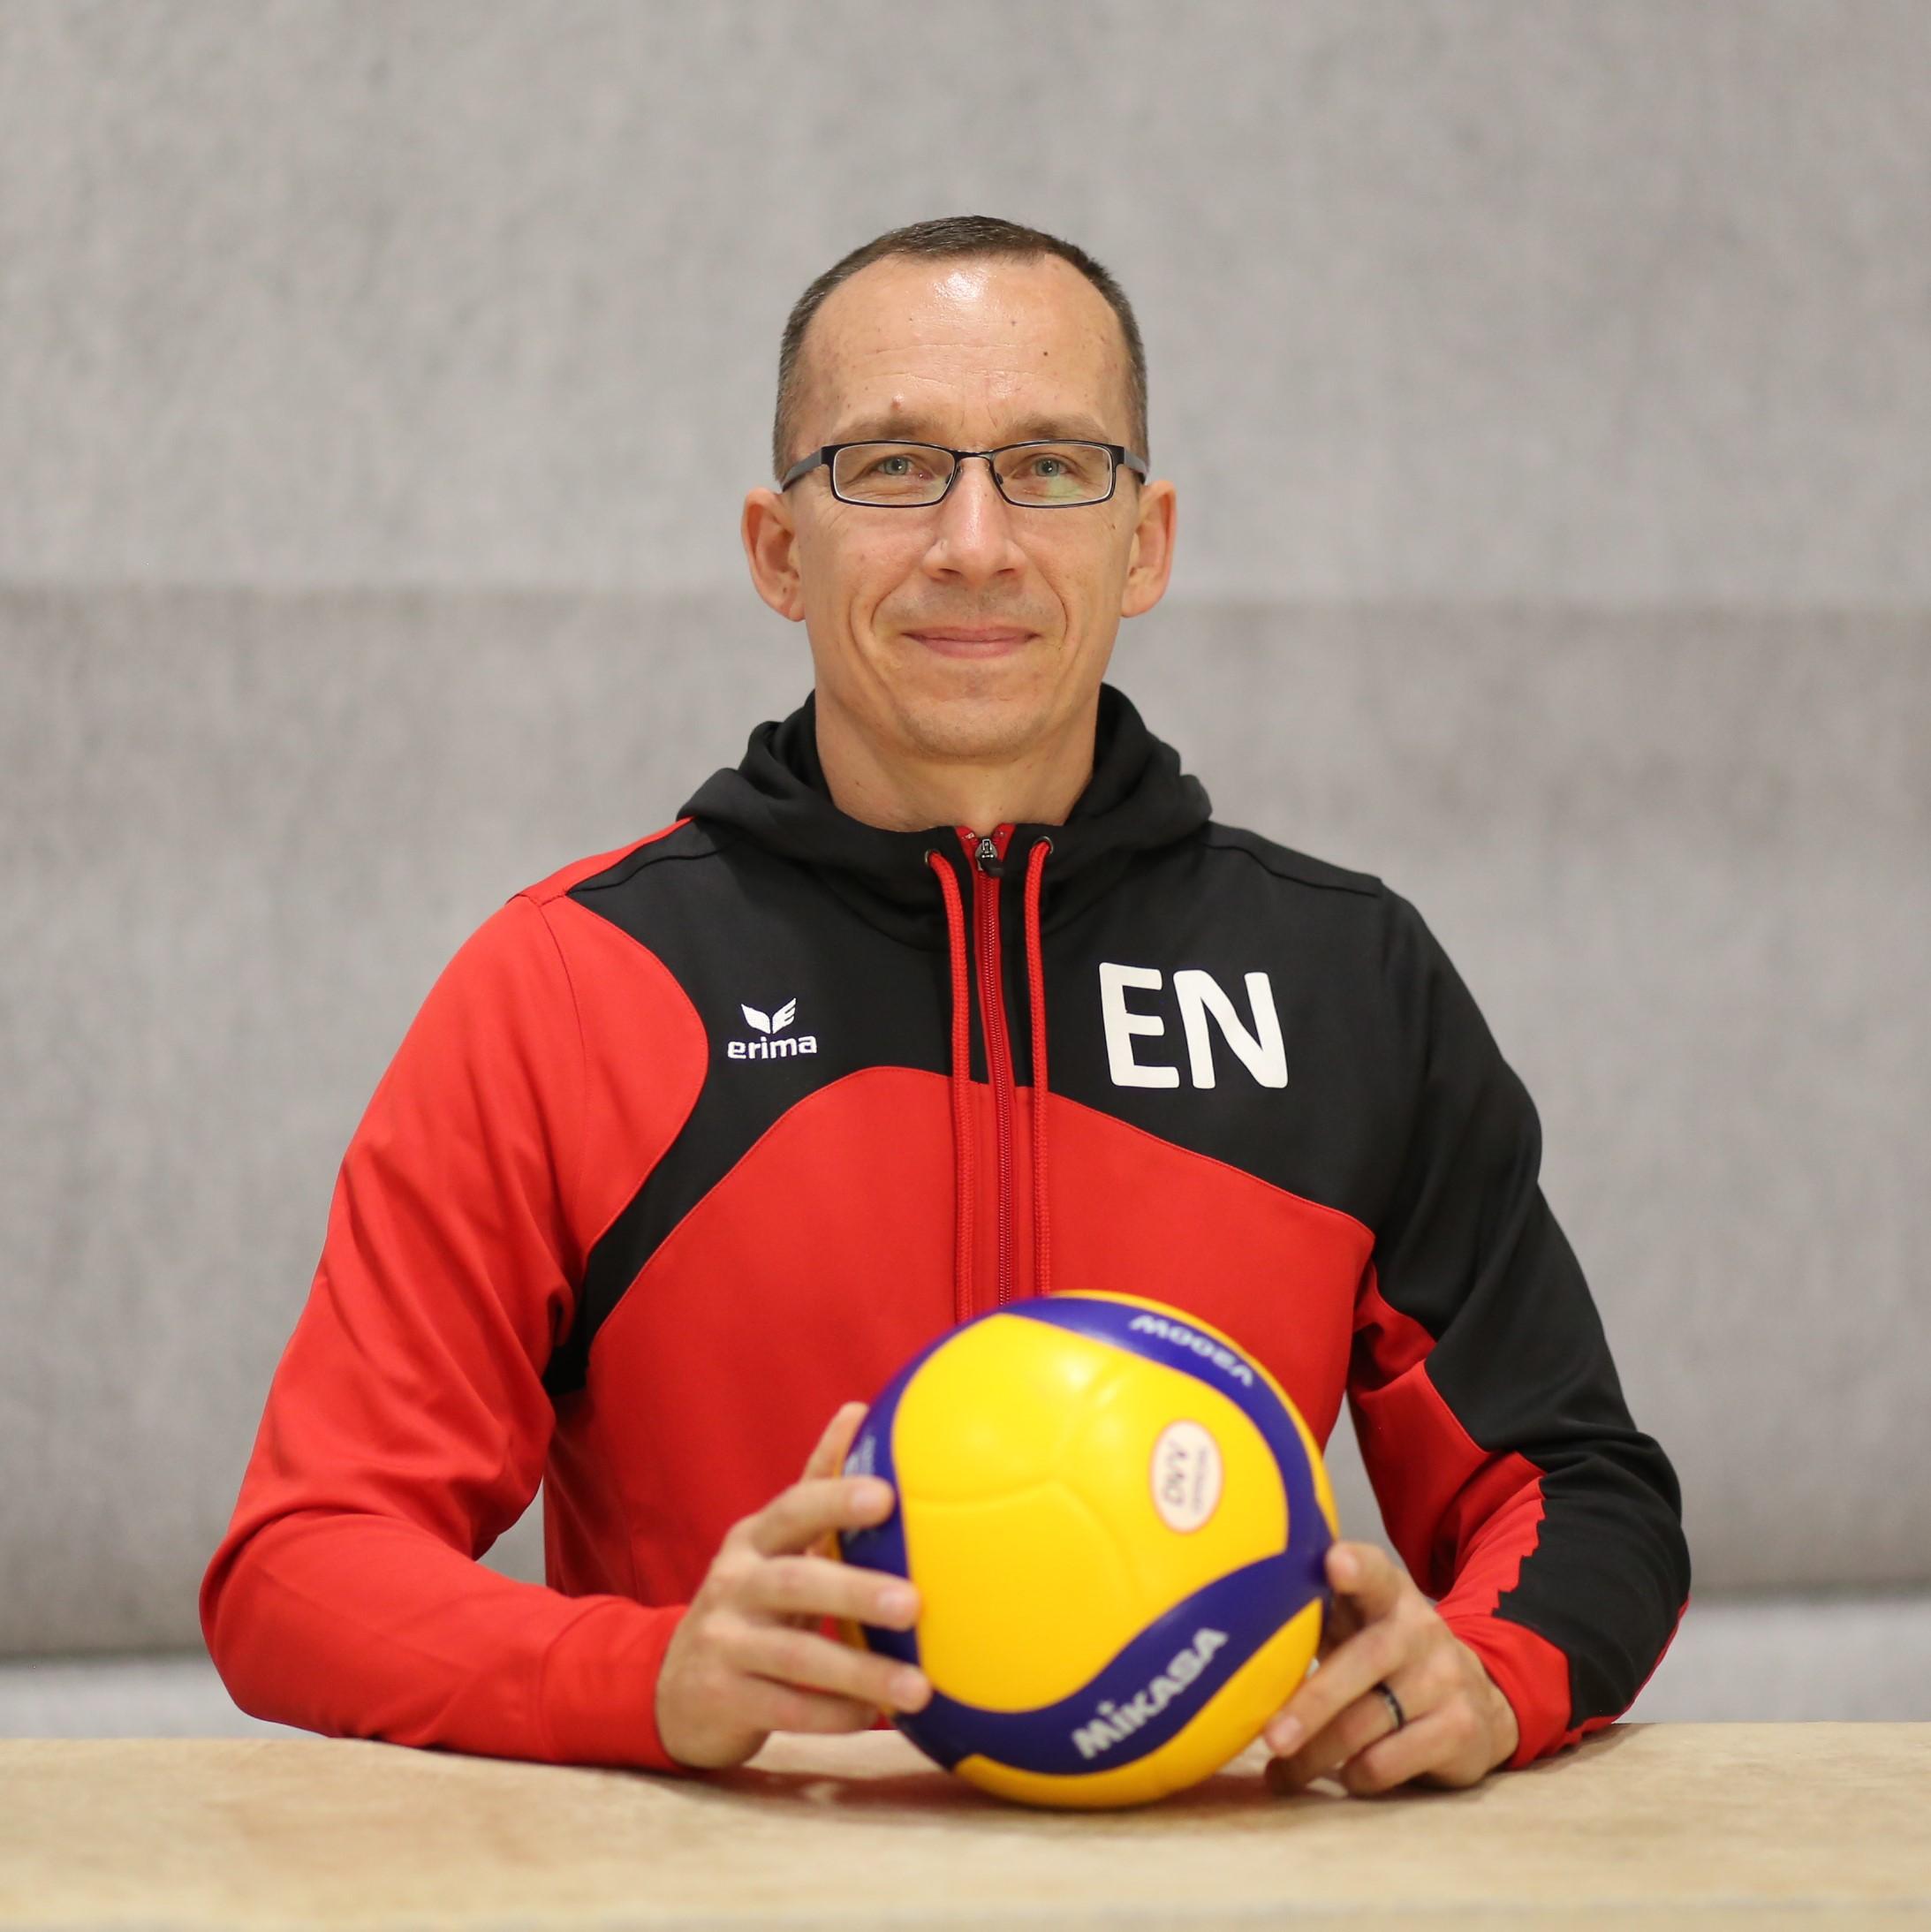 Evgenij N.